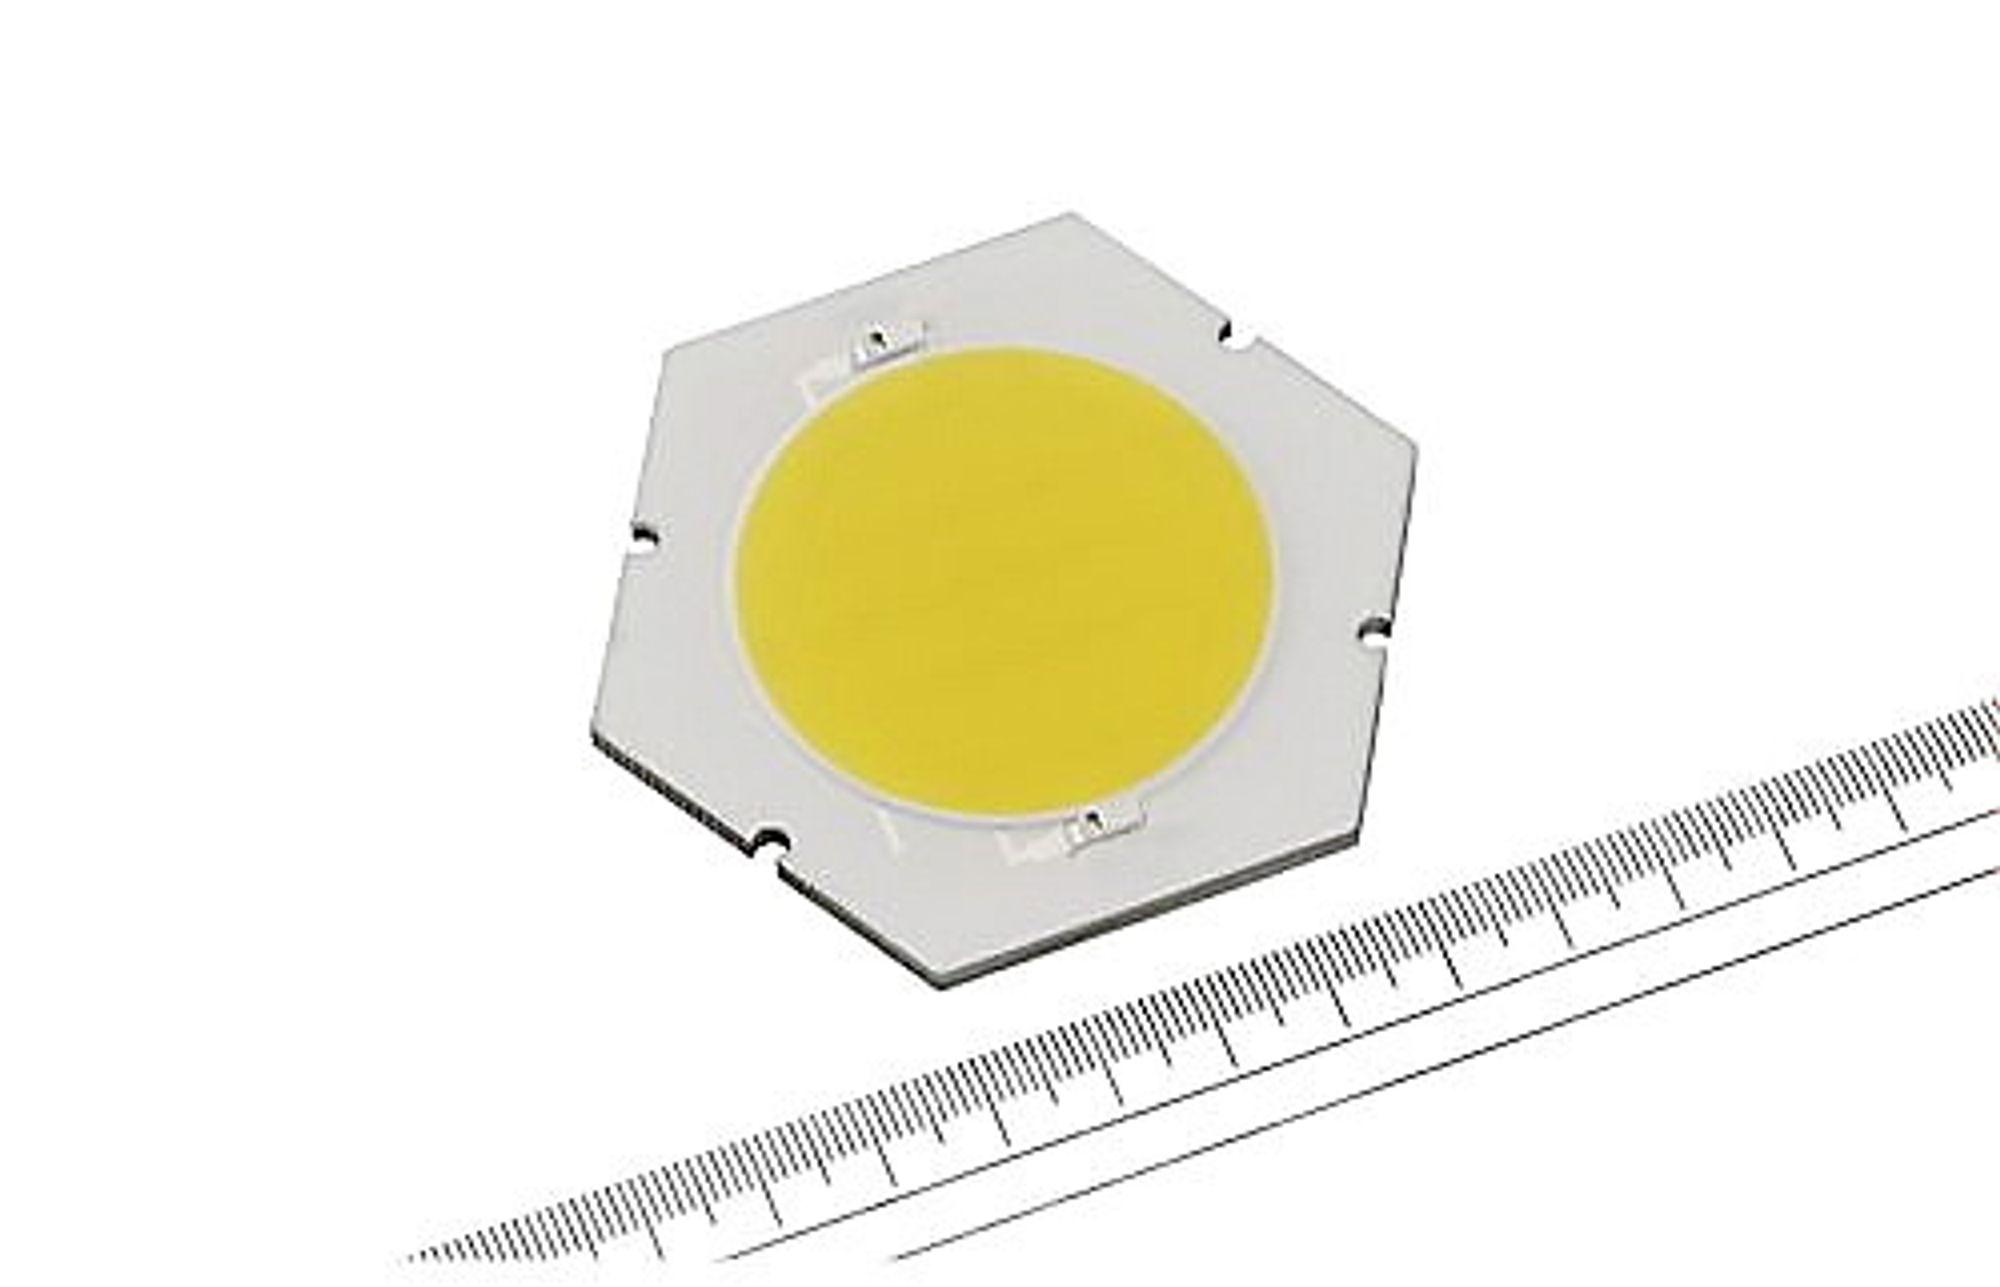 Lysende: Ingen lysdioder i verden er like lyssterke som Sharps nye utgave, som skinner like mye som rundt atten 60 watt lyspærer når den mates med 100 watt. Og den varer 40 ganger lenger.